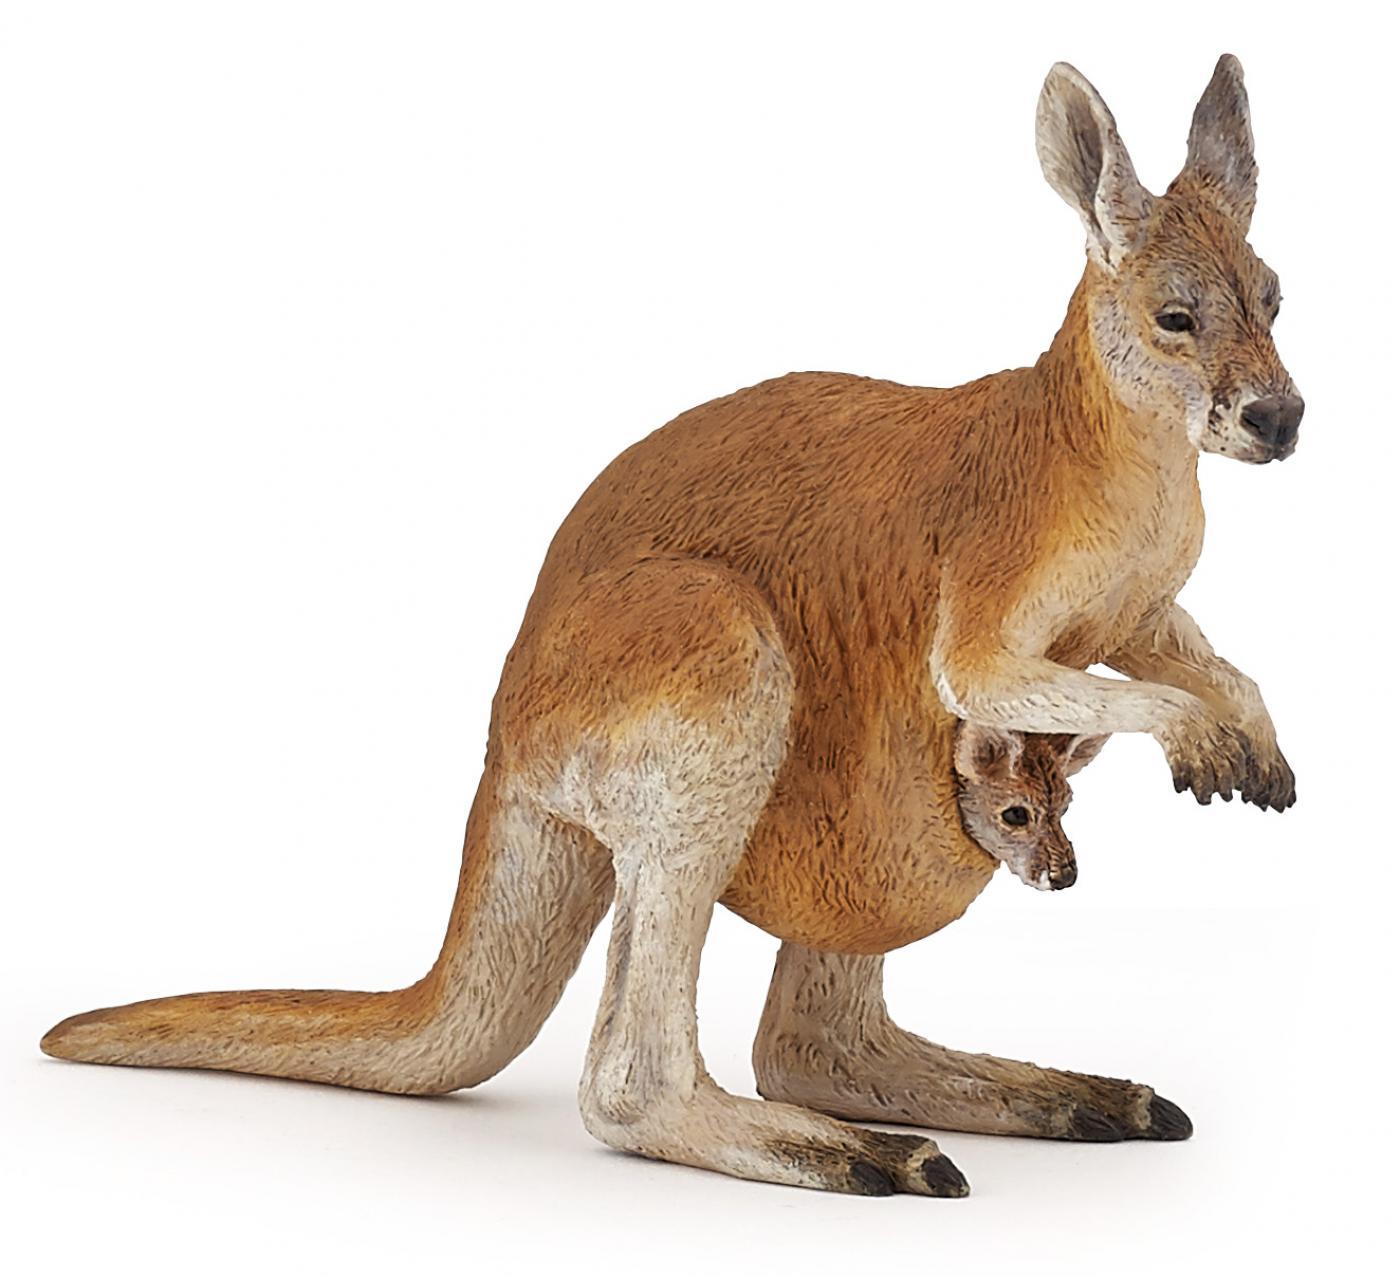 papo animal kingdom papo kangaroo with baby 50188